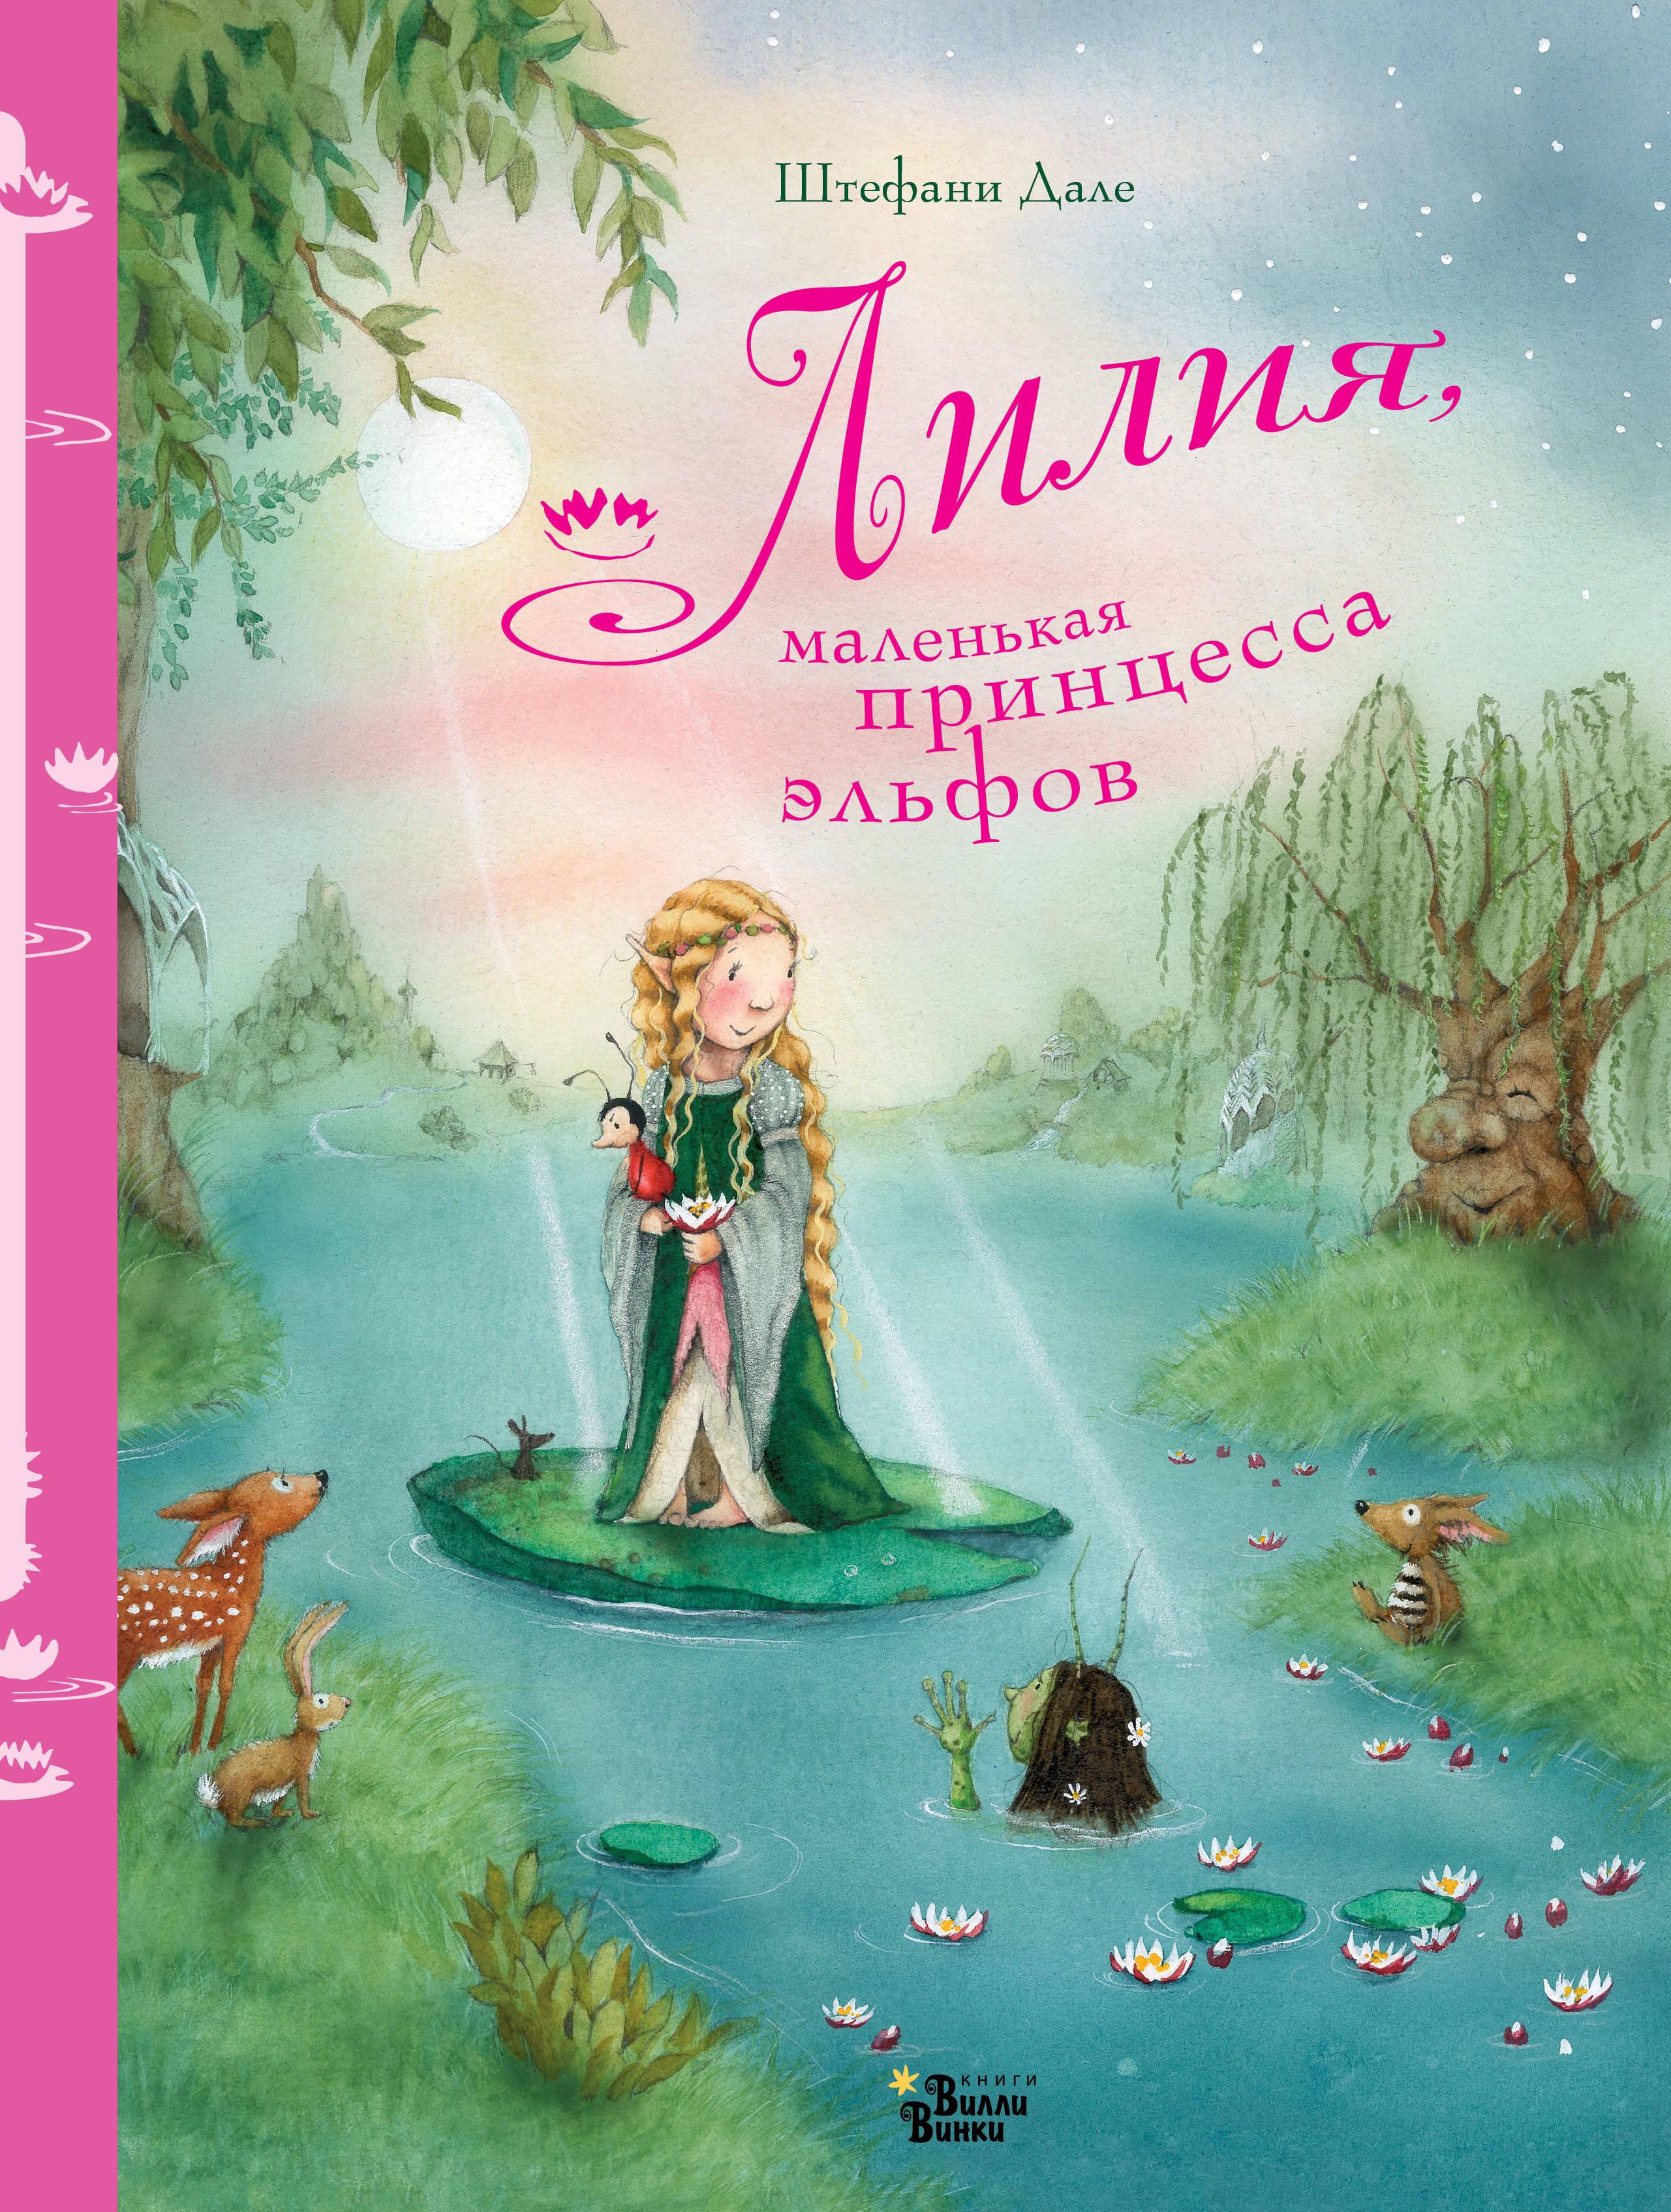 Лилия, маленькая принцесса эльфов